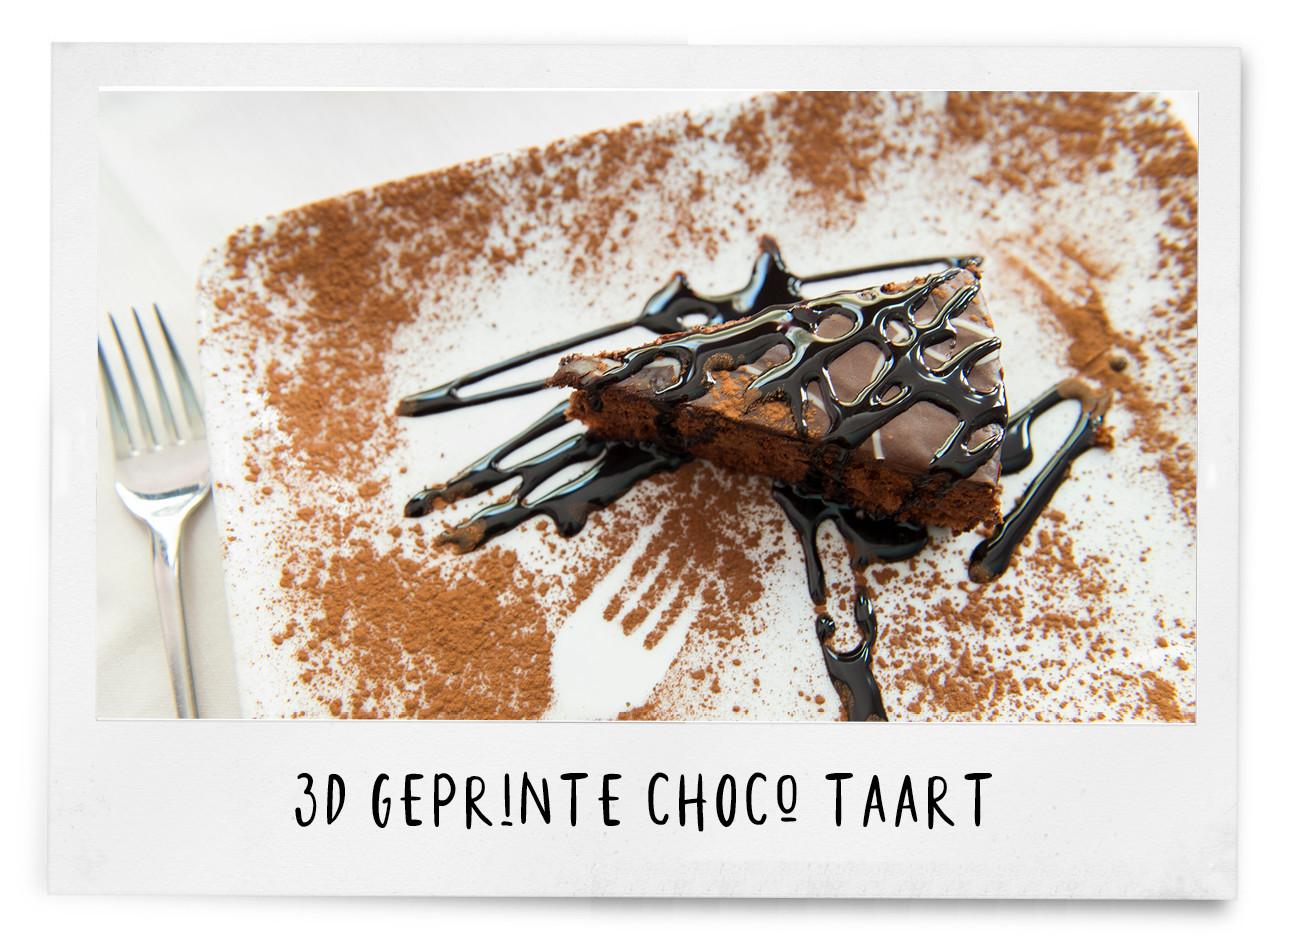 geprinte choco taart